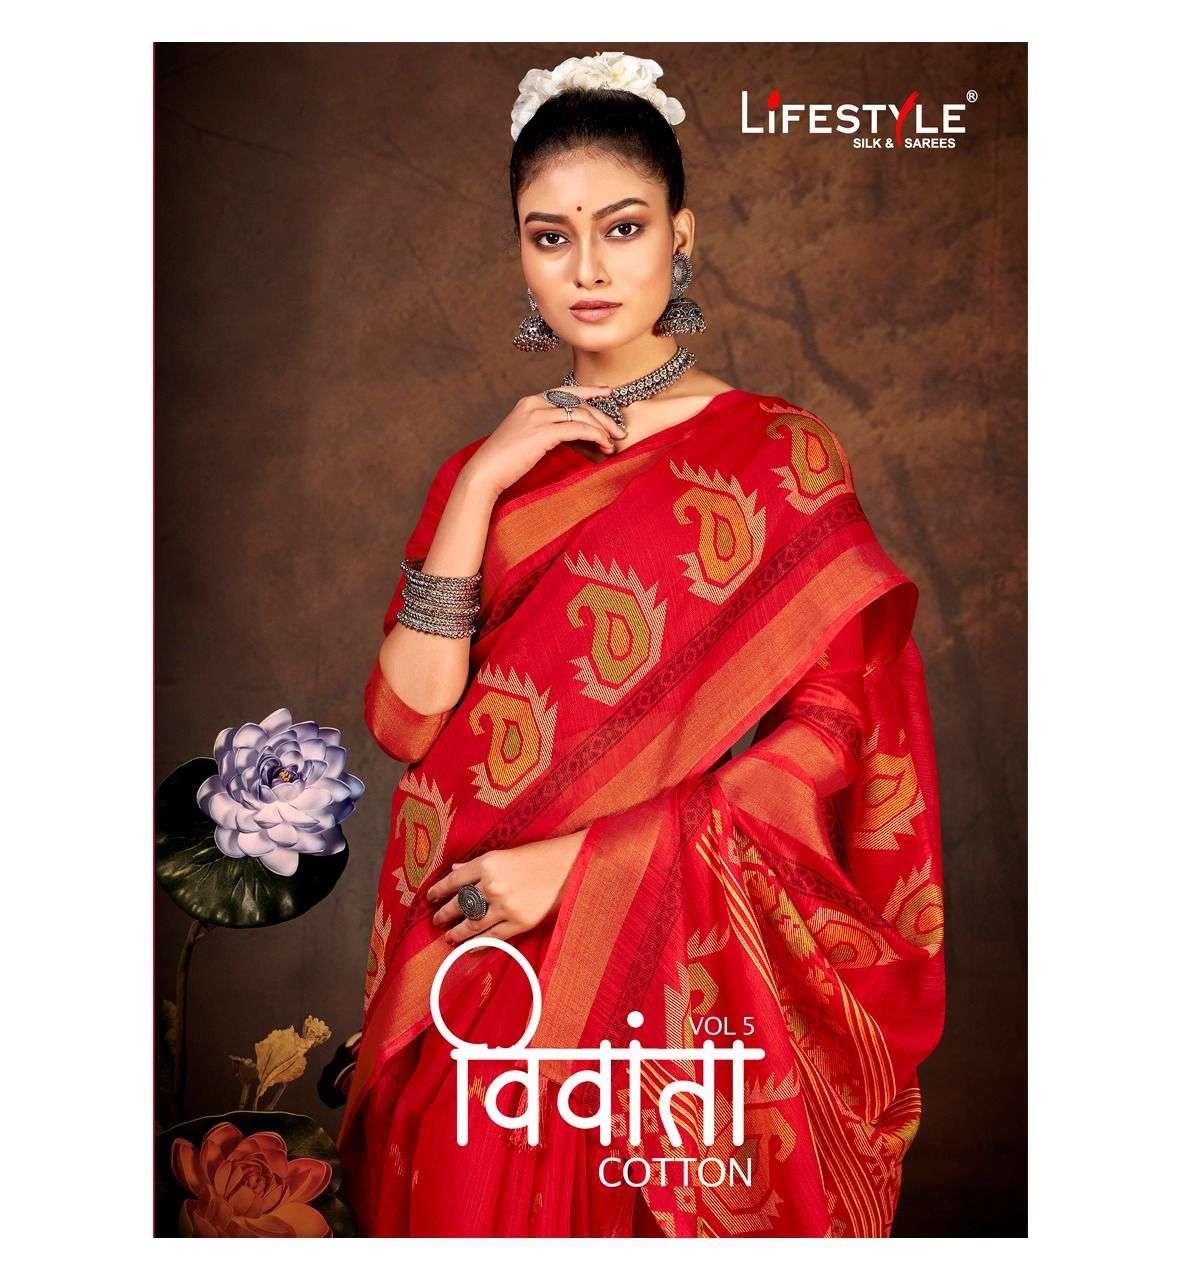 Lifestyle Vivanta Cotton Vol 5 Fancy Linen Cotton Saree Catalog Wholesale price